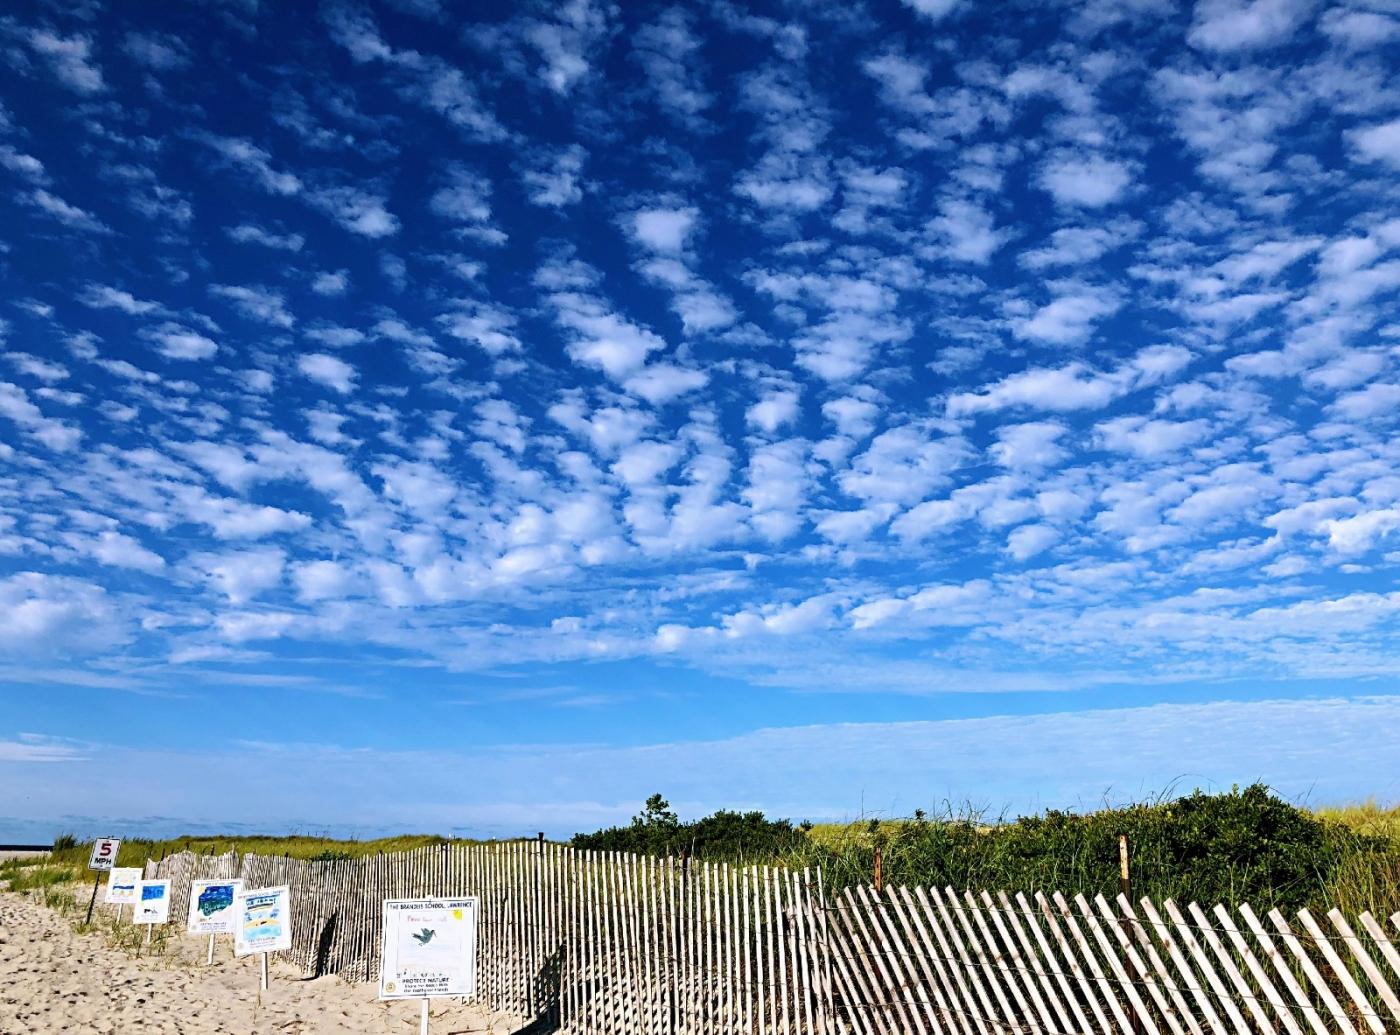 【田螺摄影】写长沙滩的日出日落_图1-18